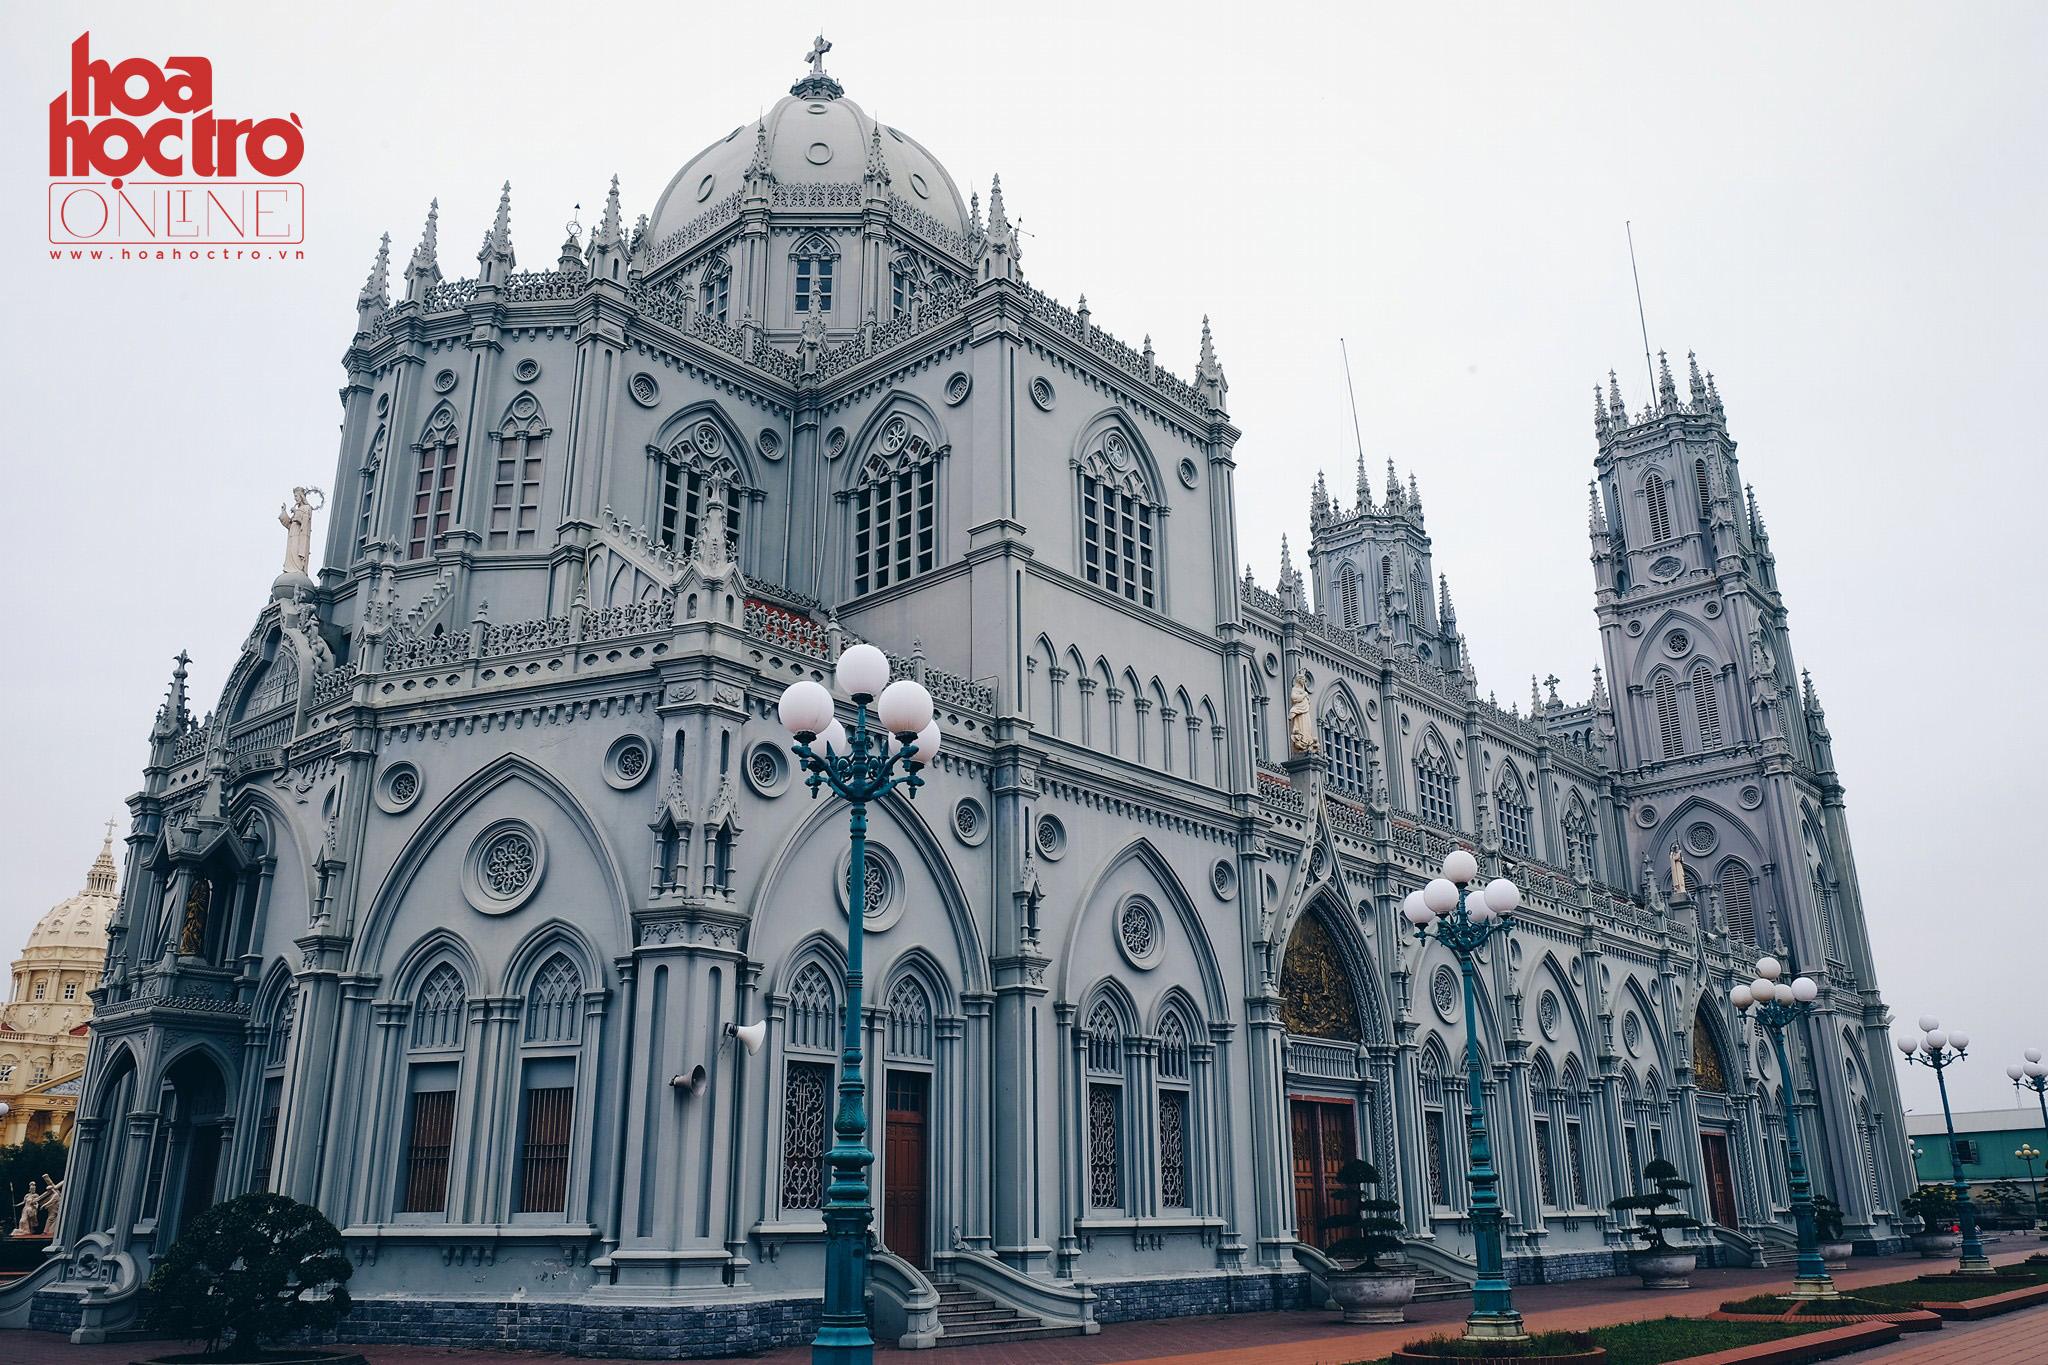 Tháng Ba này cùng ghé Nam Định thăm những nhà thờ đẹp hút hồn